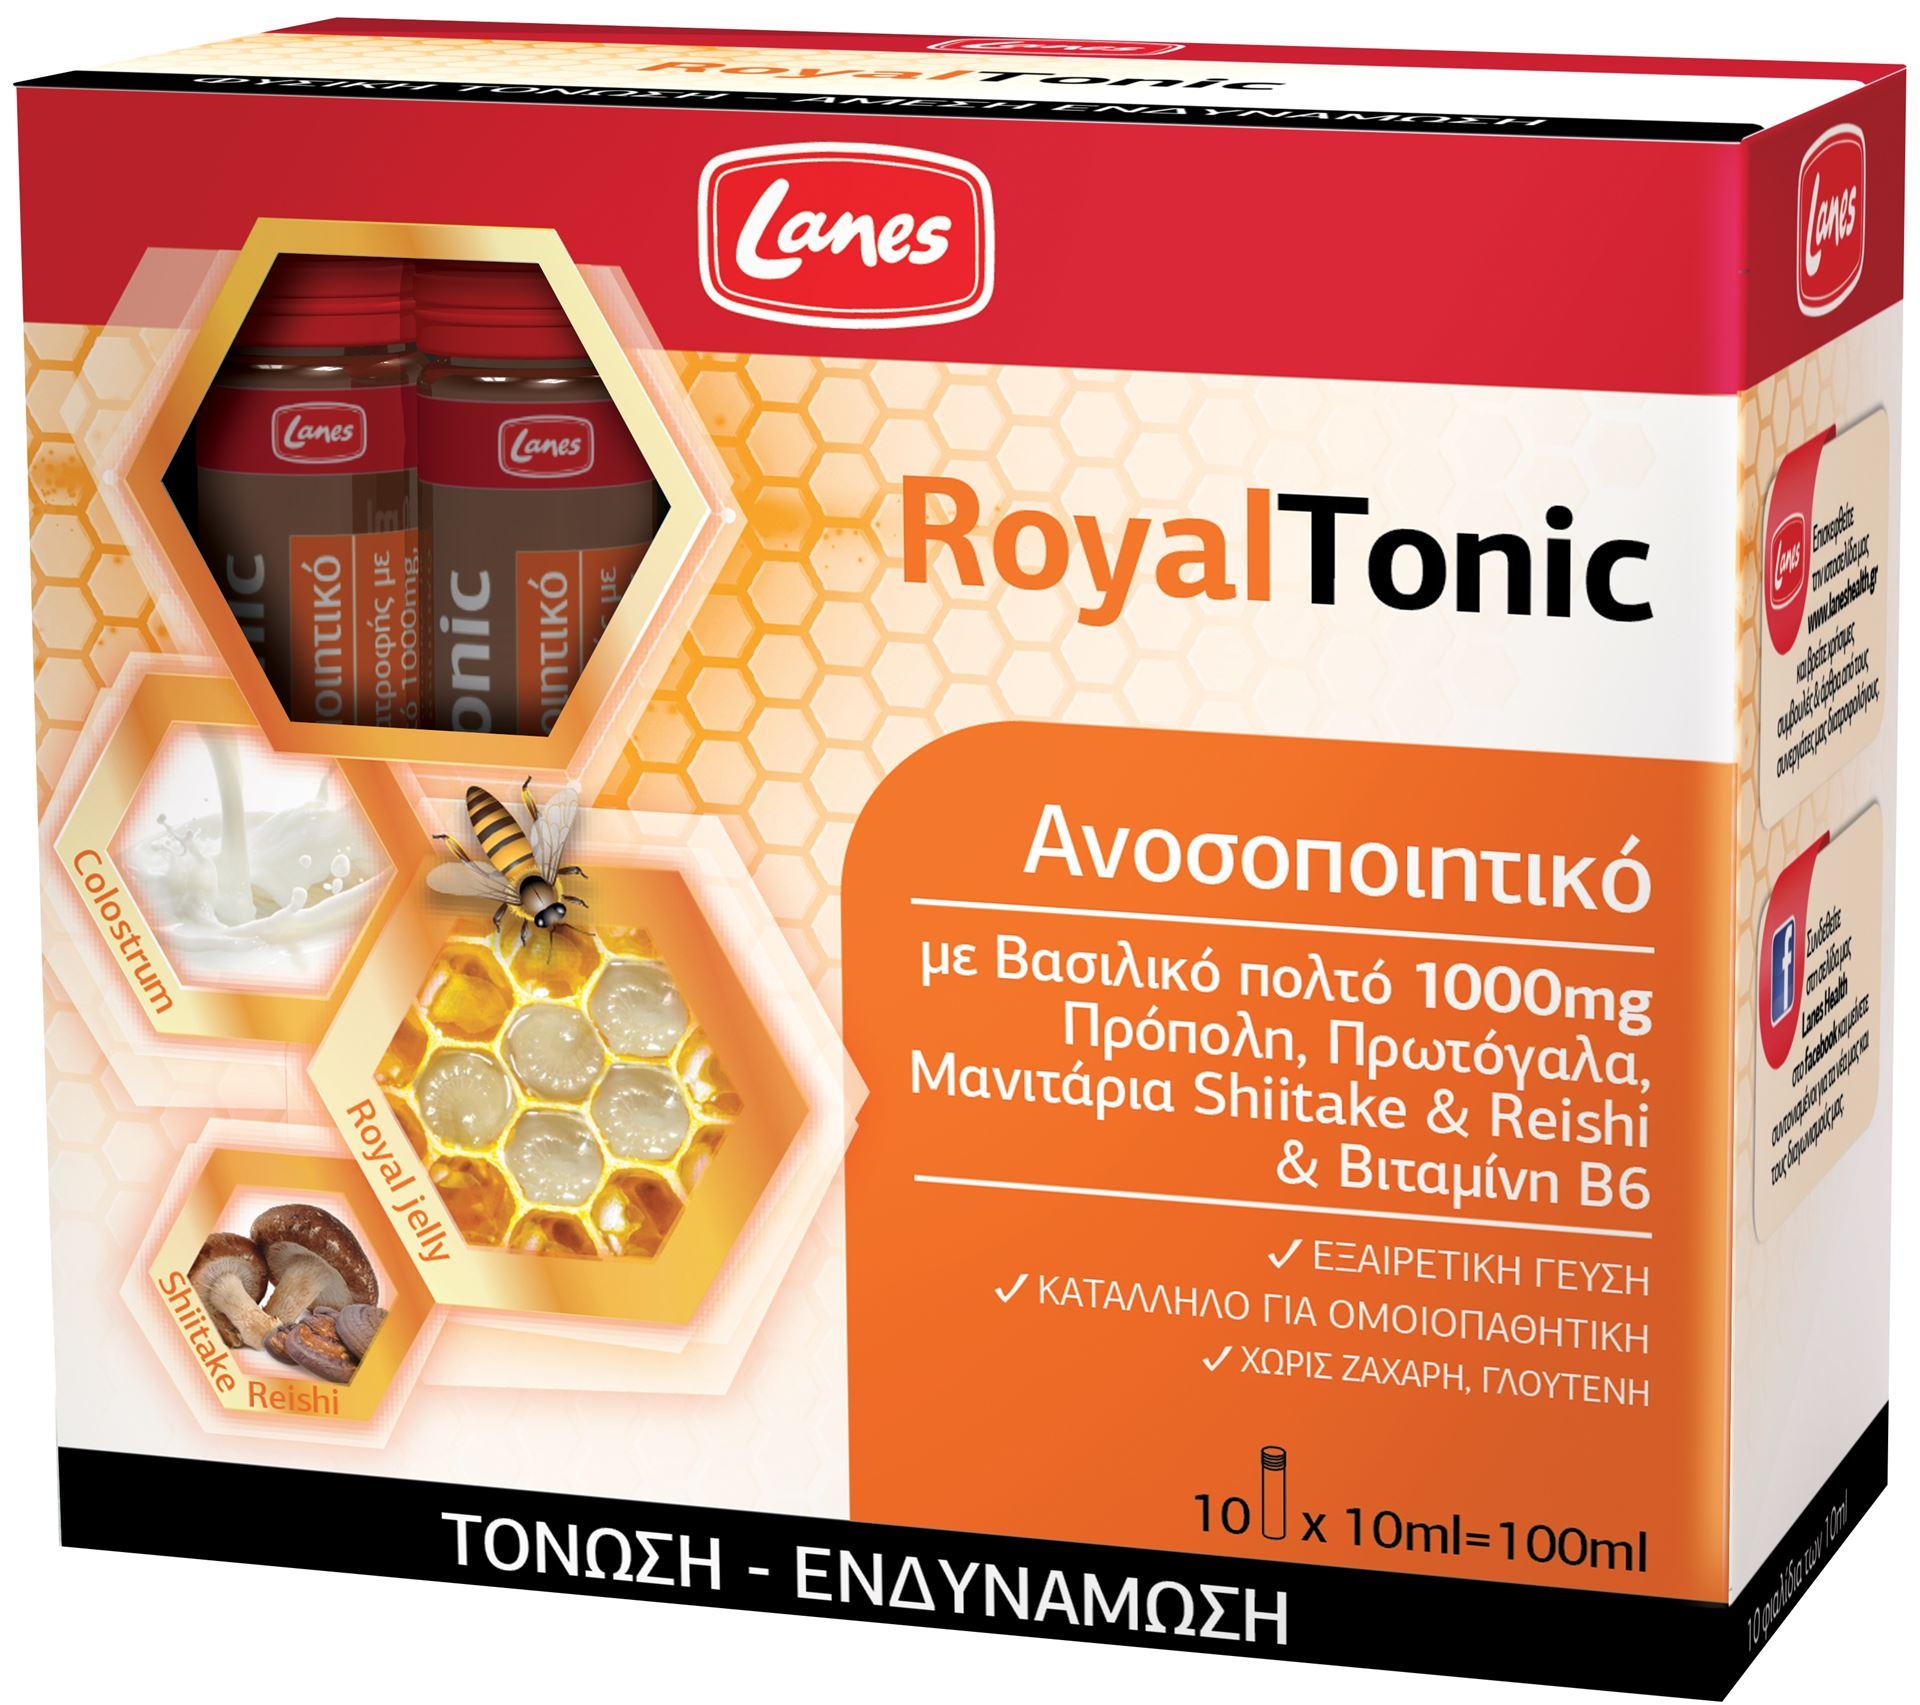 Αποτέλεσμα εικόνας για royal tonic lanes